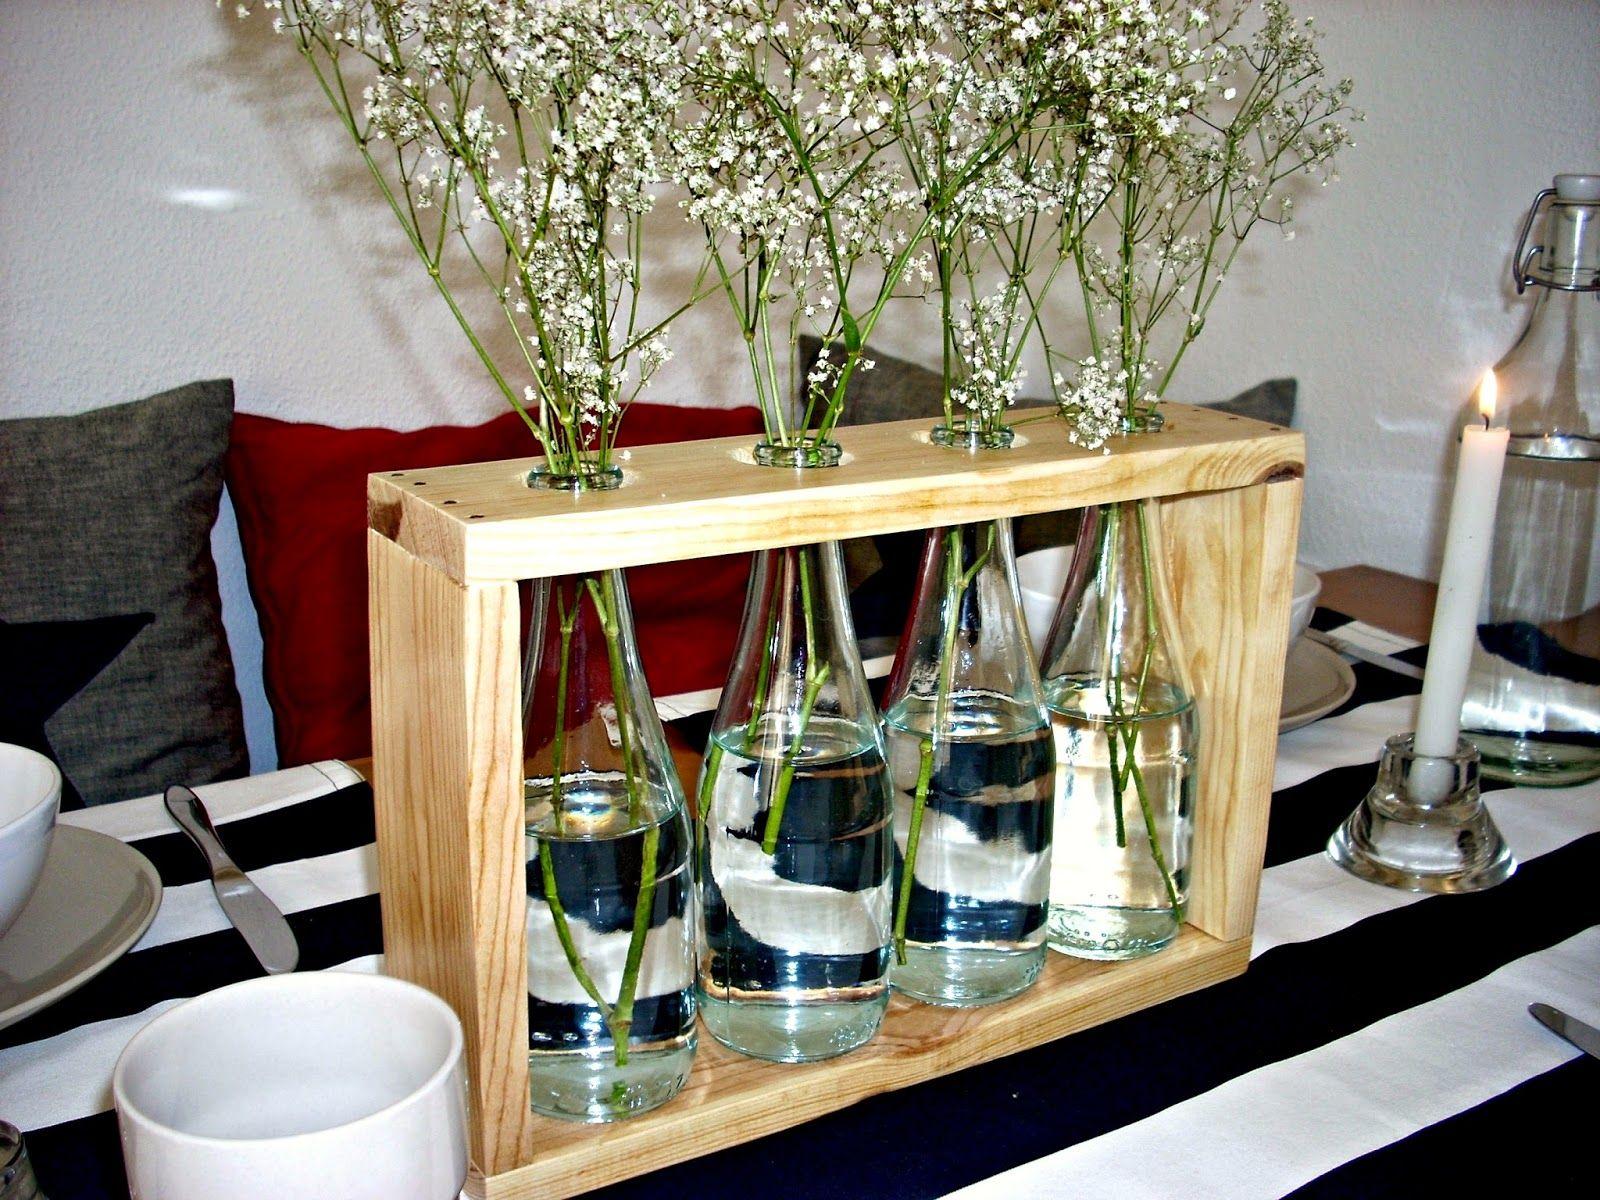 Un precioso florero hecho con madera de palets y botellas de vidrio ideas decoracion pinterest - Palets para decoracion ...